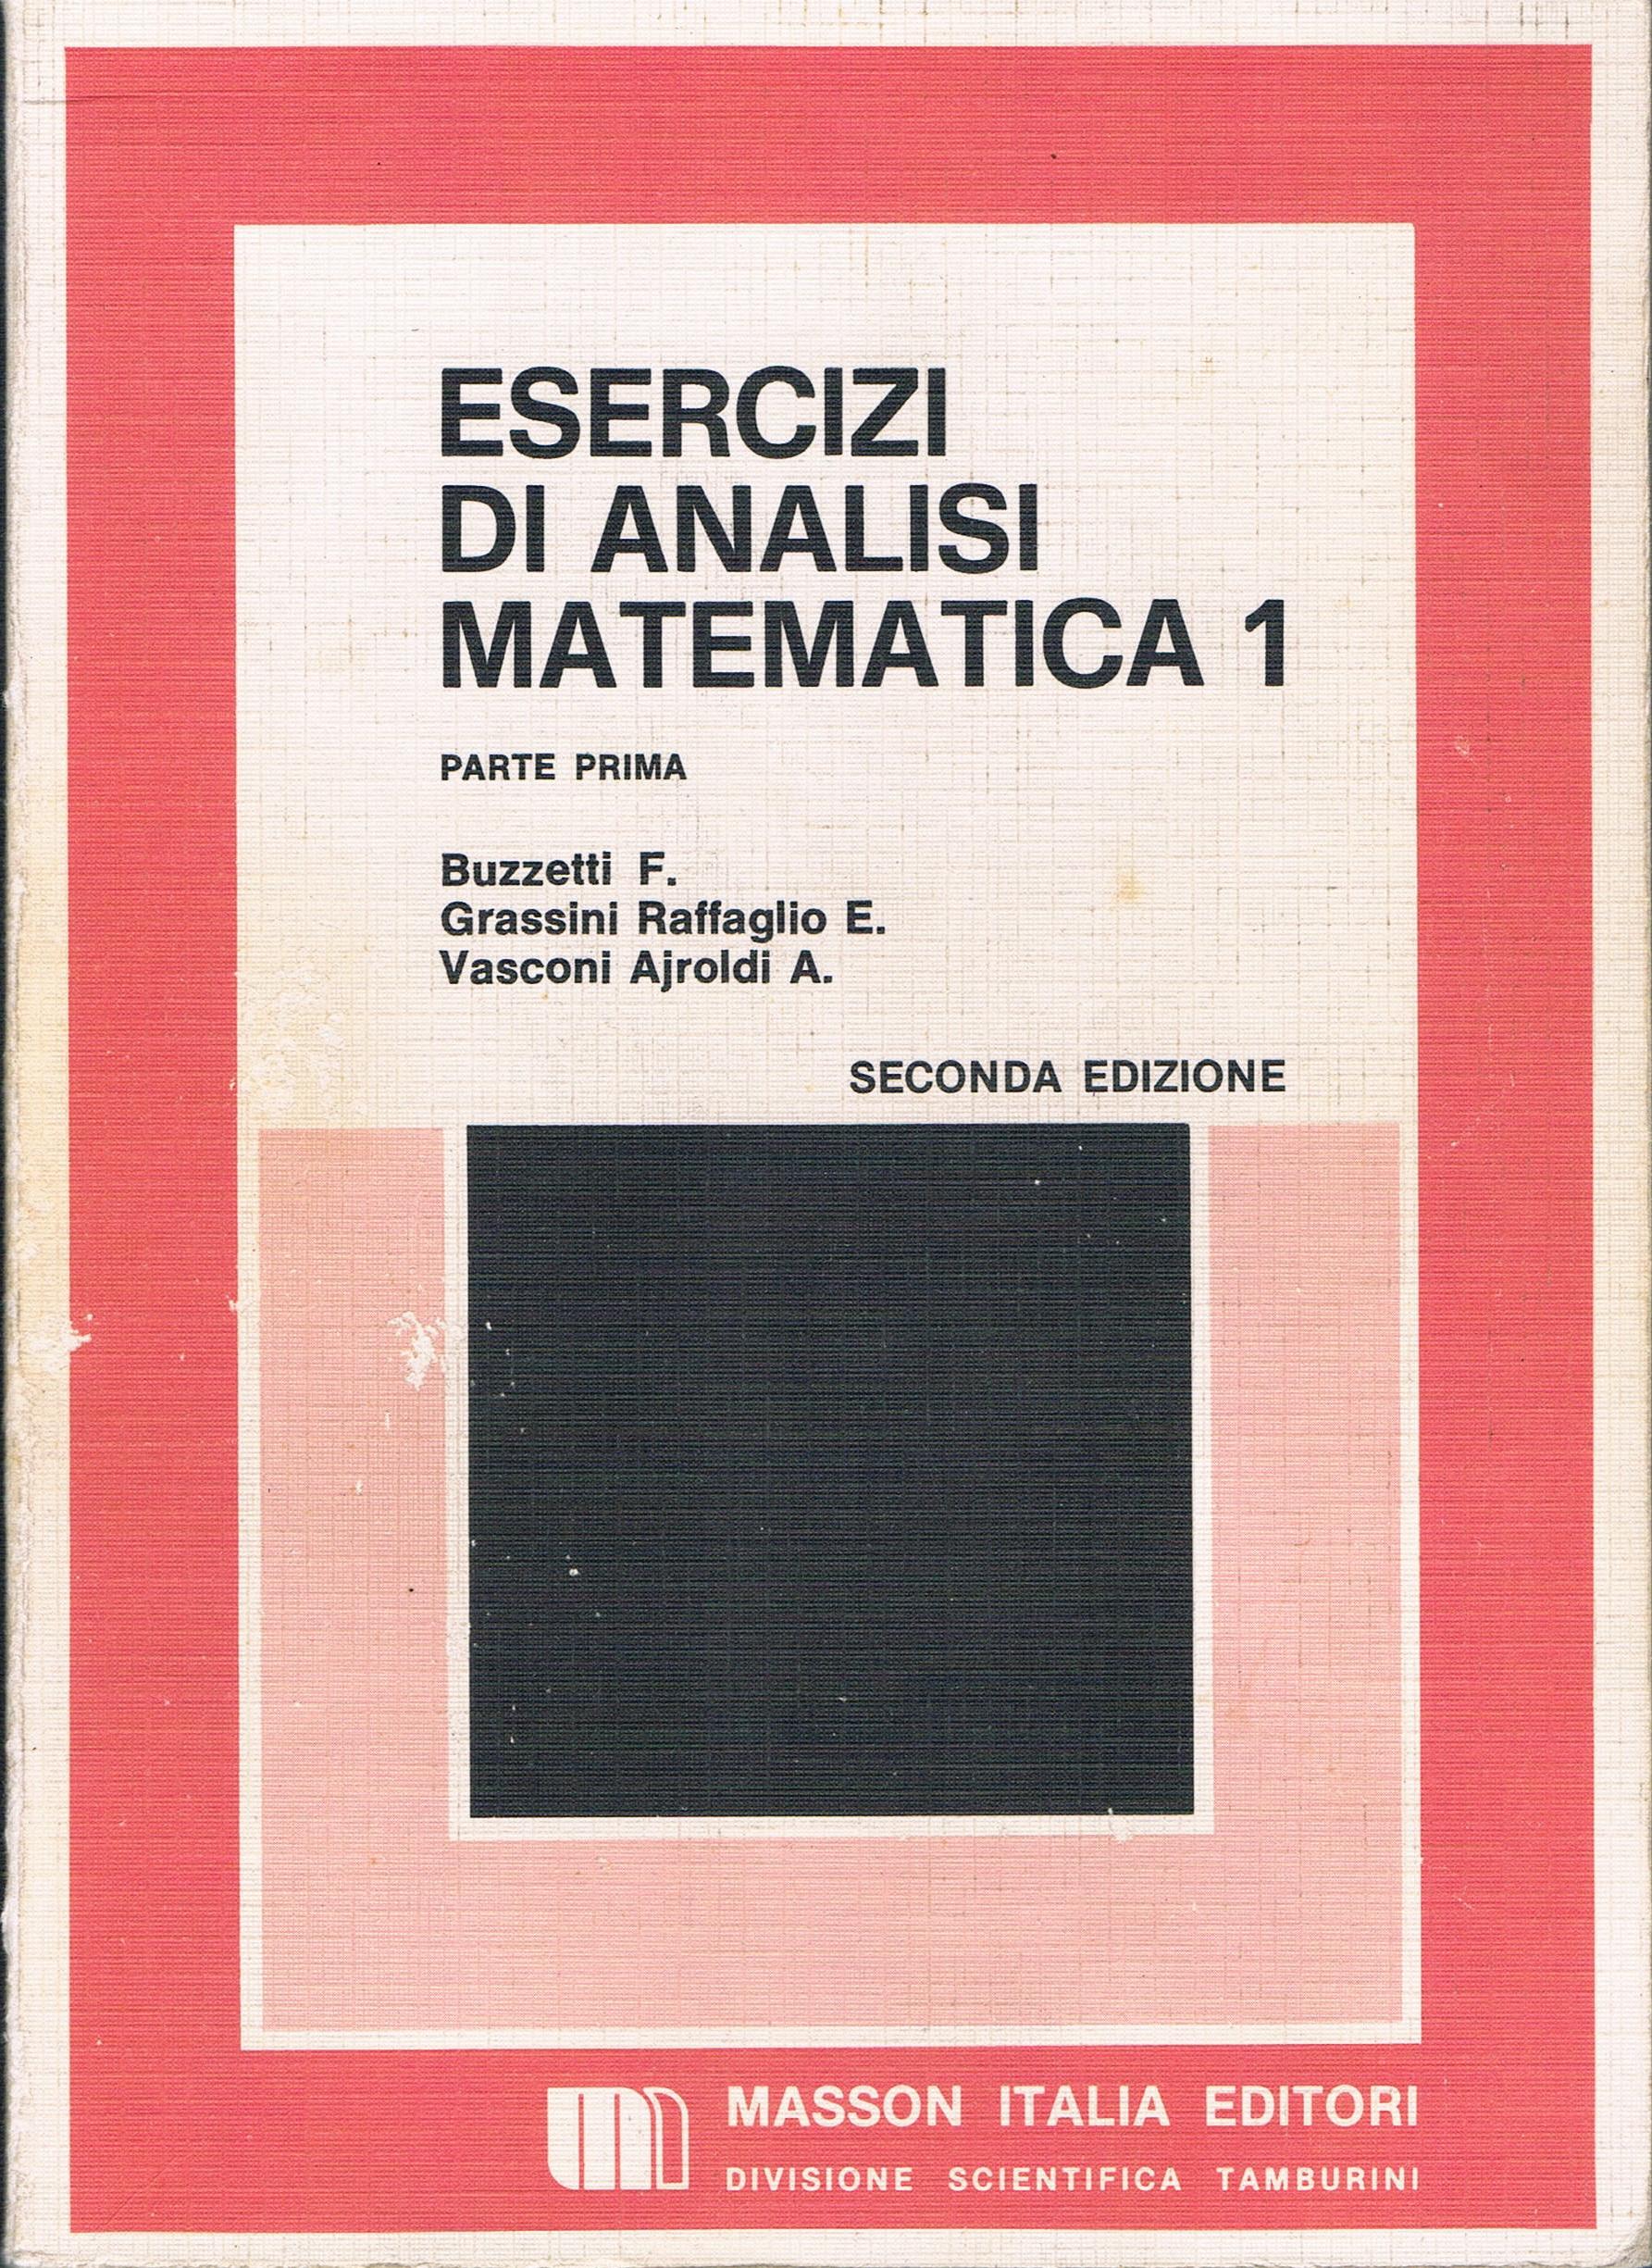 Esercizi di Analisi Matematica [1.1]